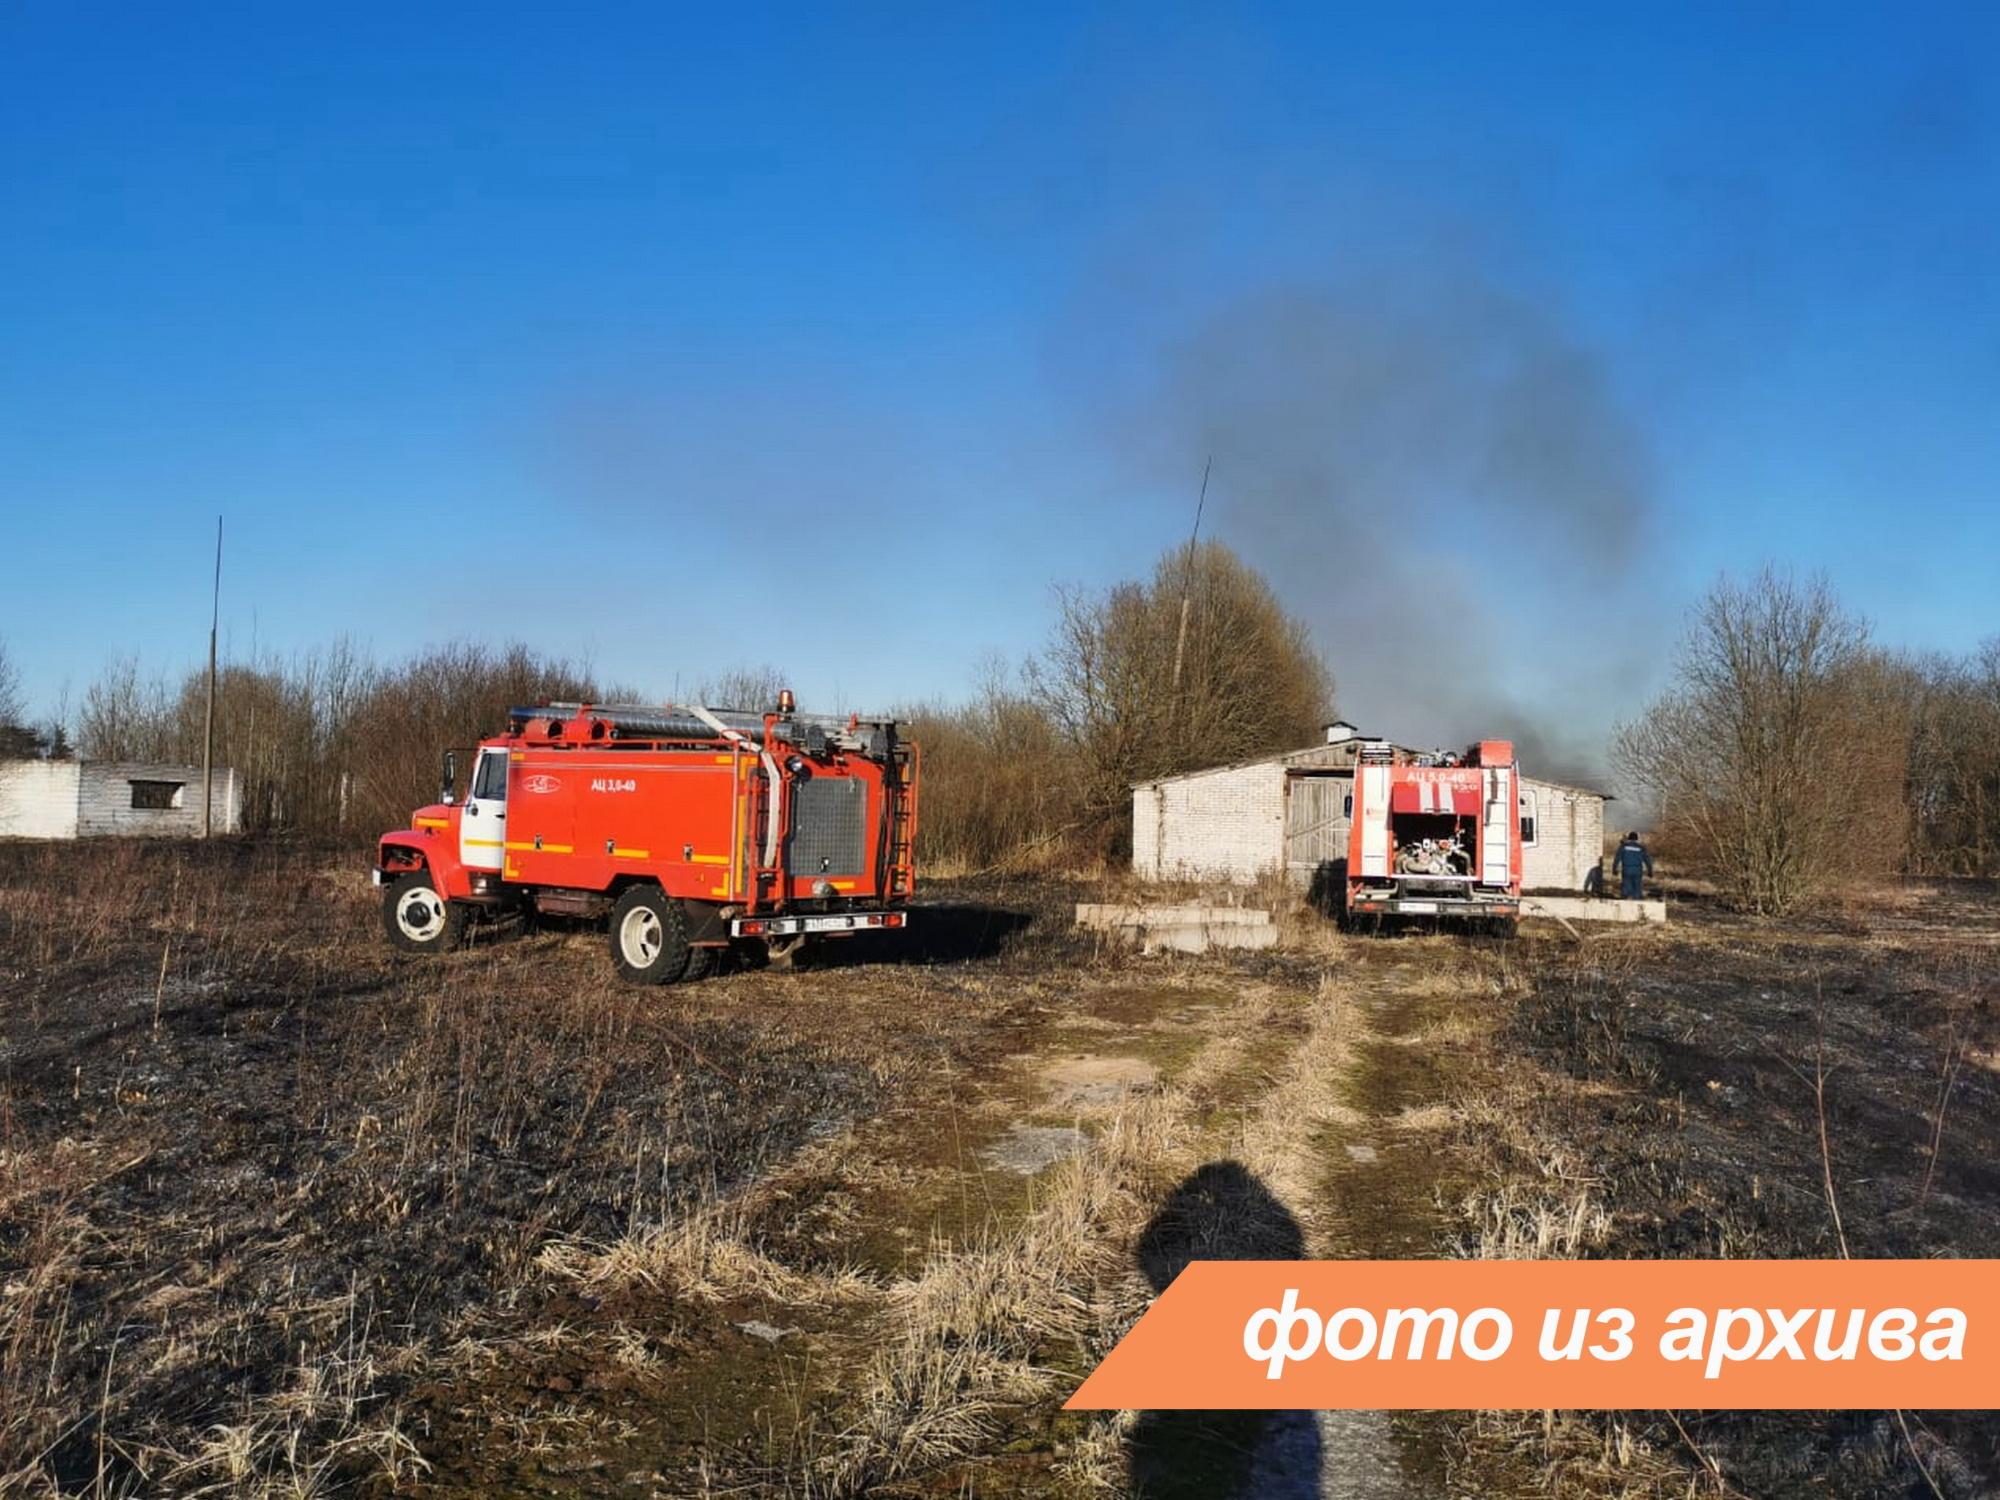 Пожарно-спасательные подразделения Ленинградской области ликвидируют пожар в Волосовском районе